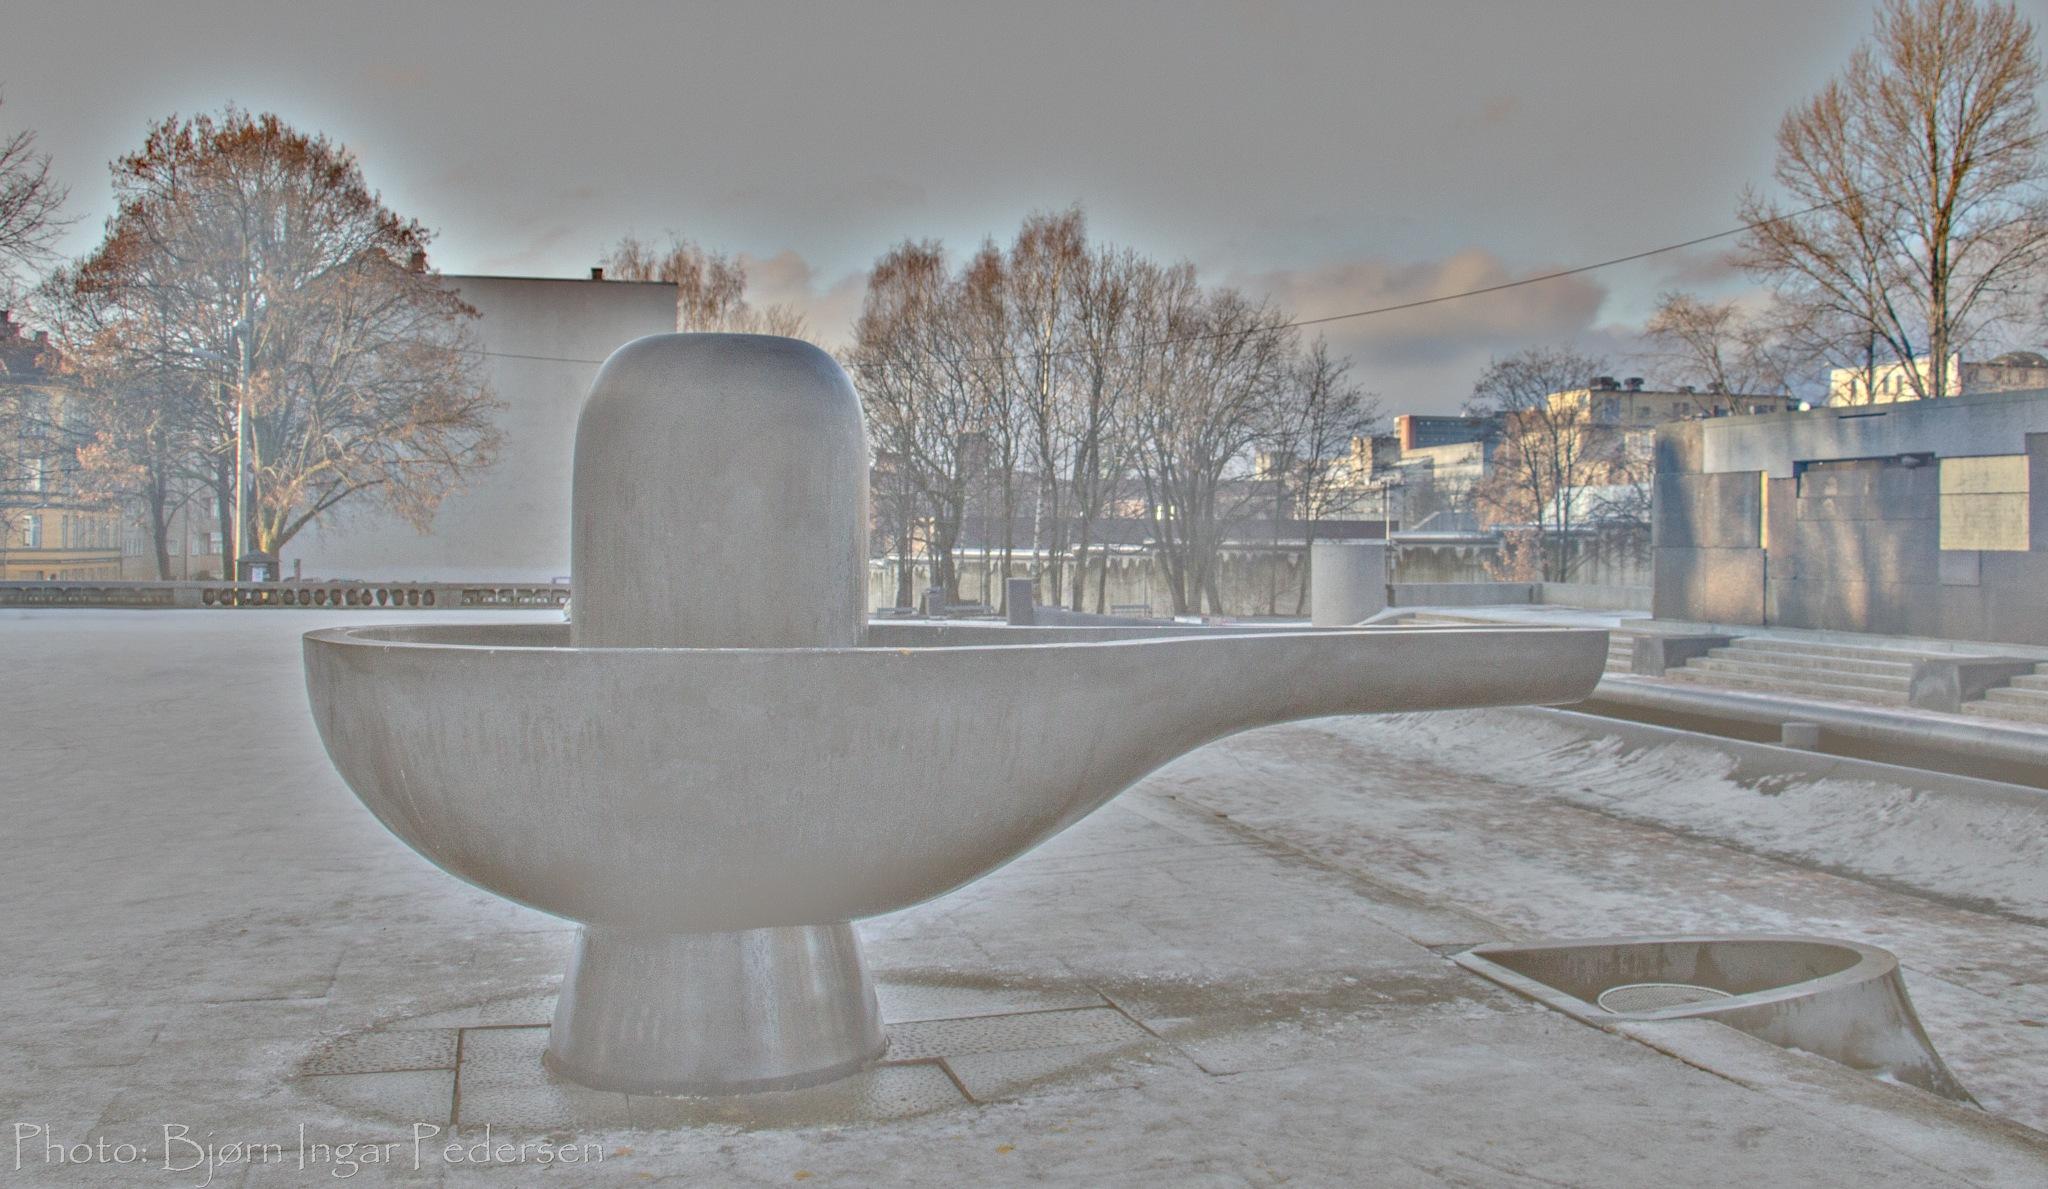 Urban art by Bjørn Ingar Pedersen